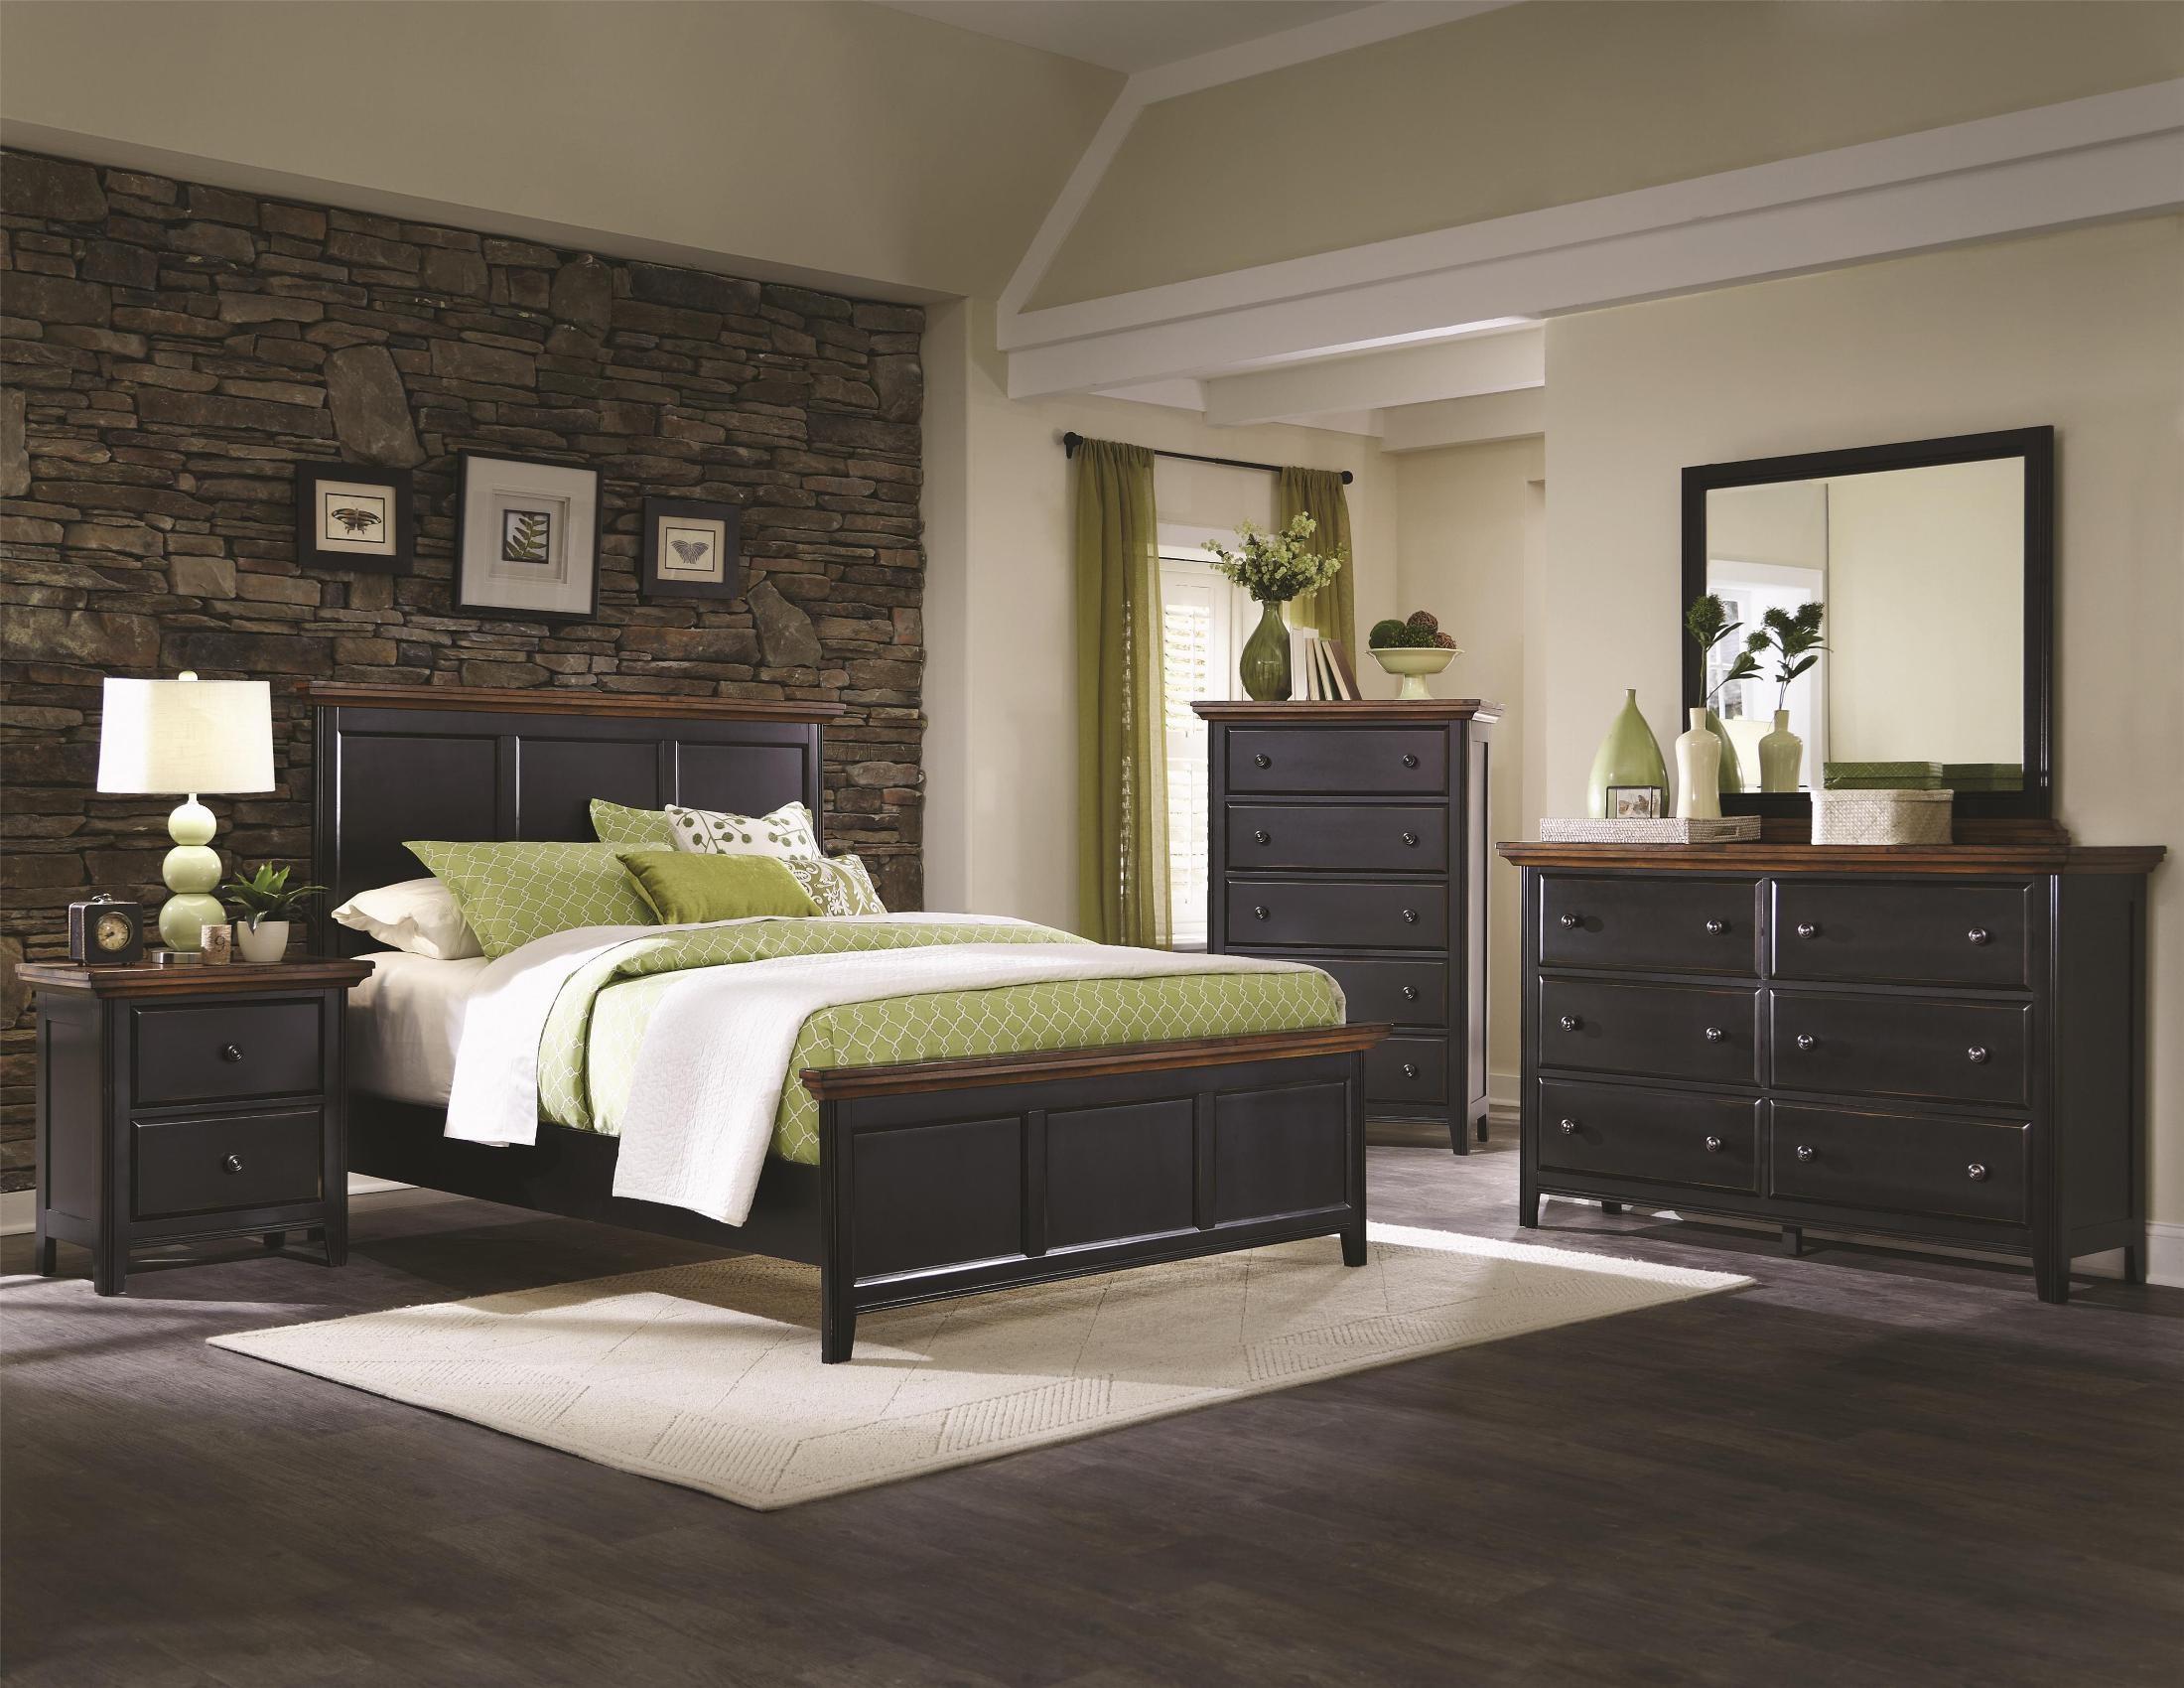 Mabel panel bedroom set 203151q coaster furniture for B m bedroom furniture